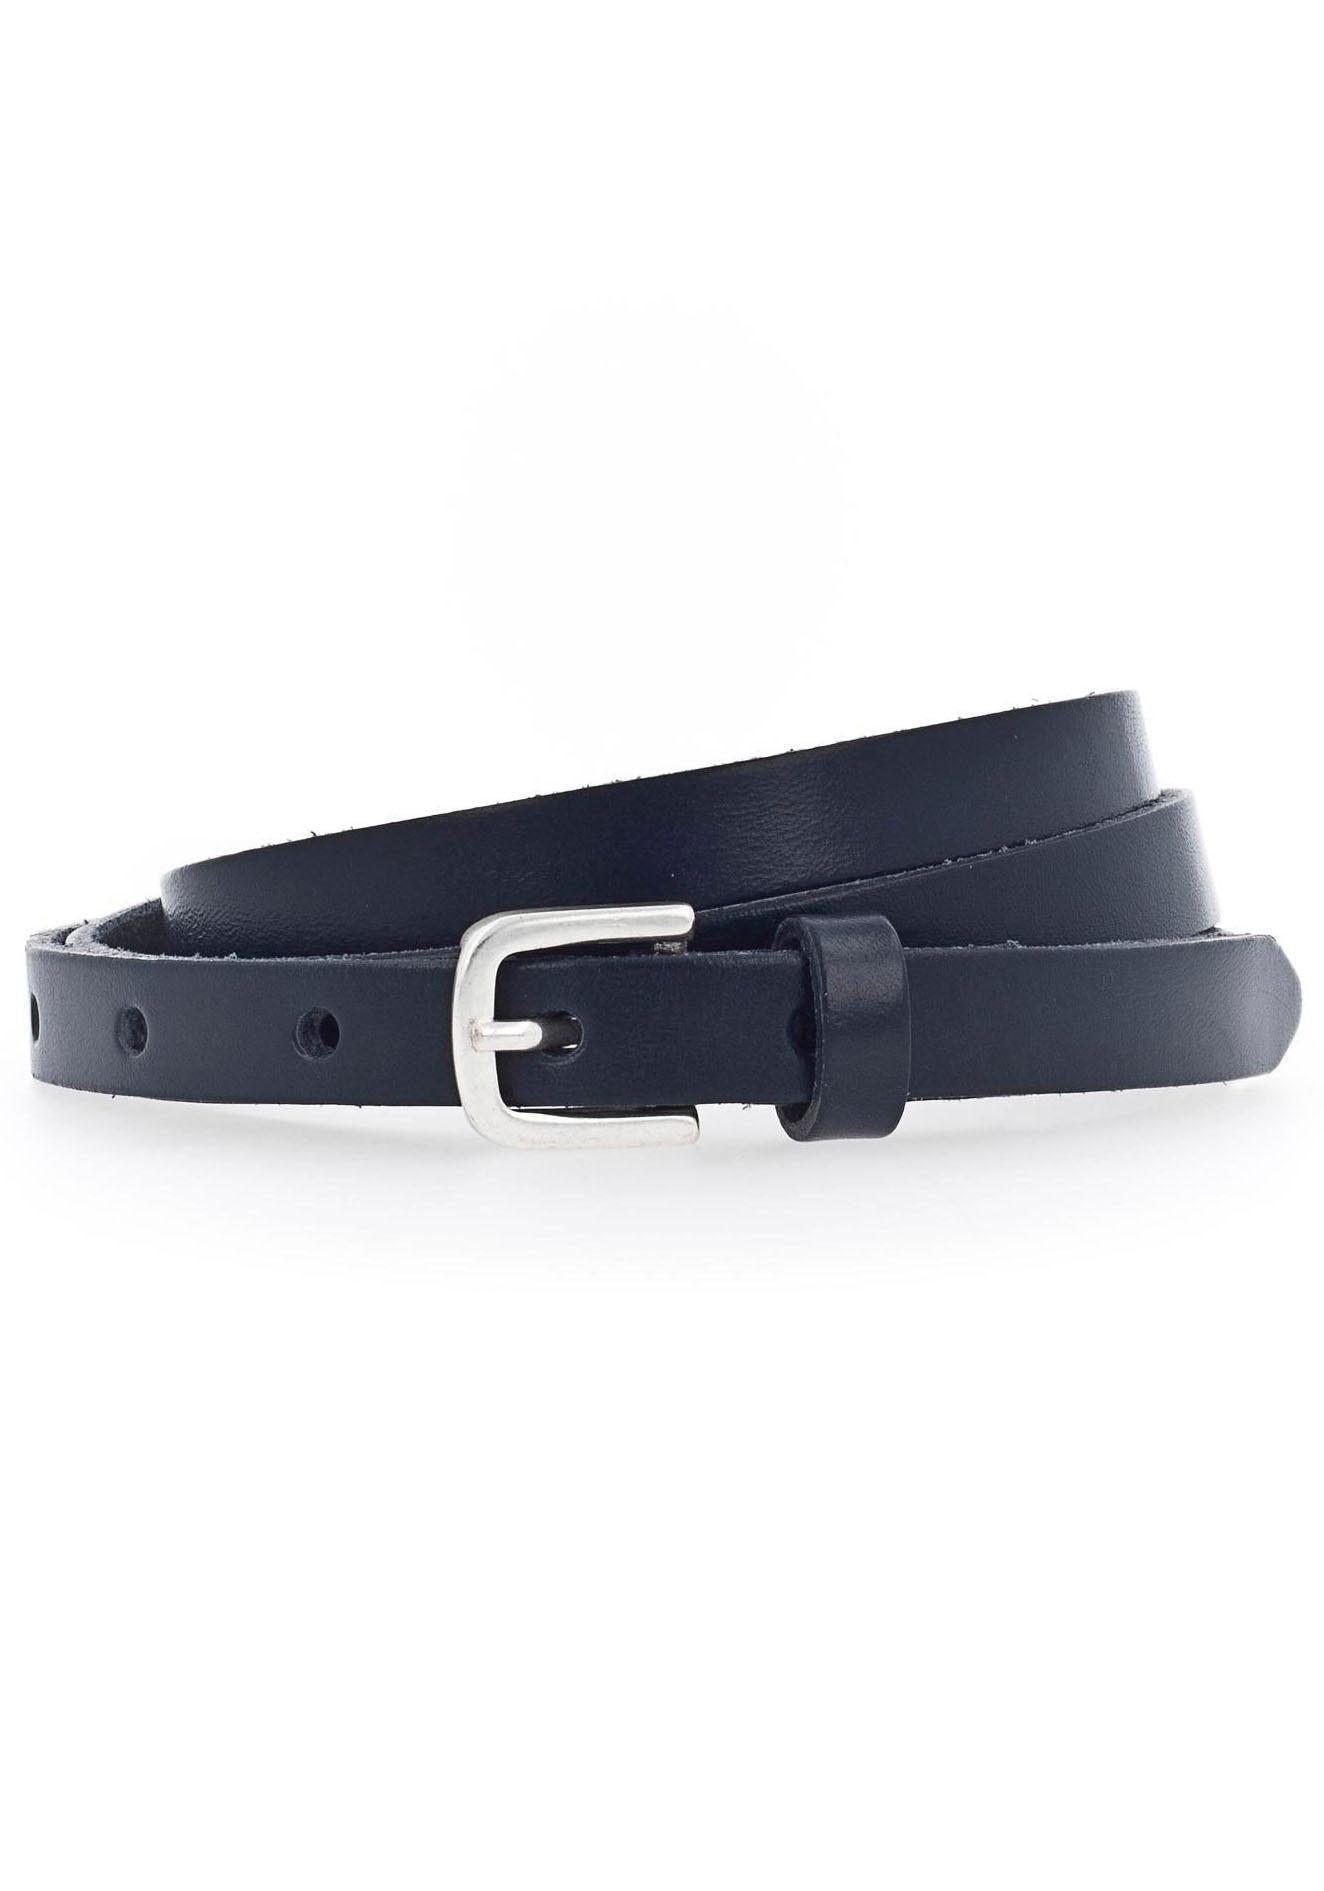 Vanzetti Ledergürtel, Überlänge, lässige Spitze zum Knoten blau Damen Ledergürtel Gürtel Accessoires